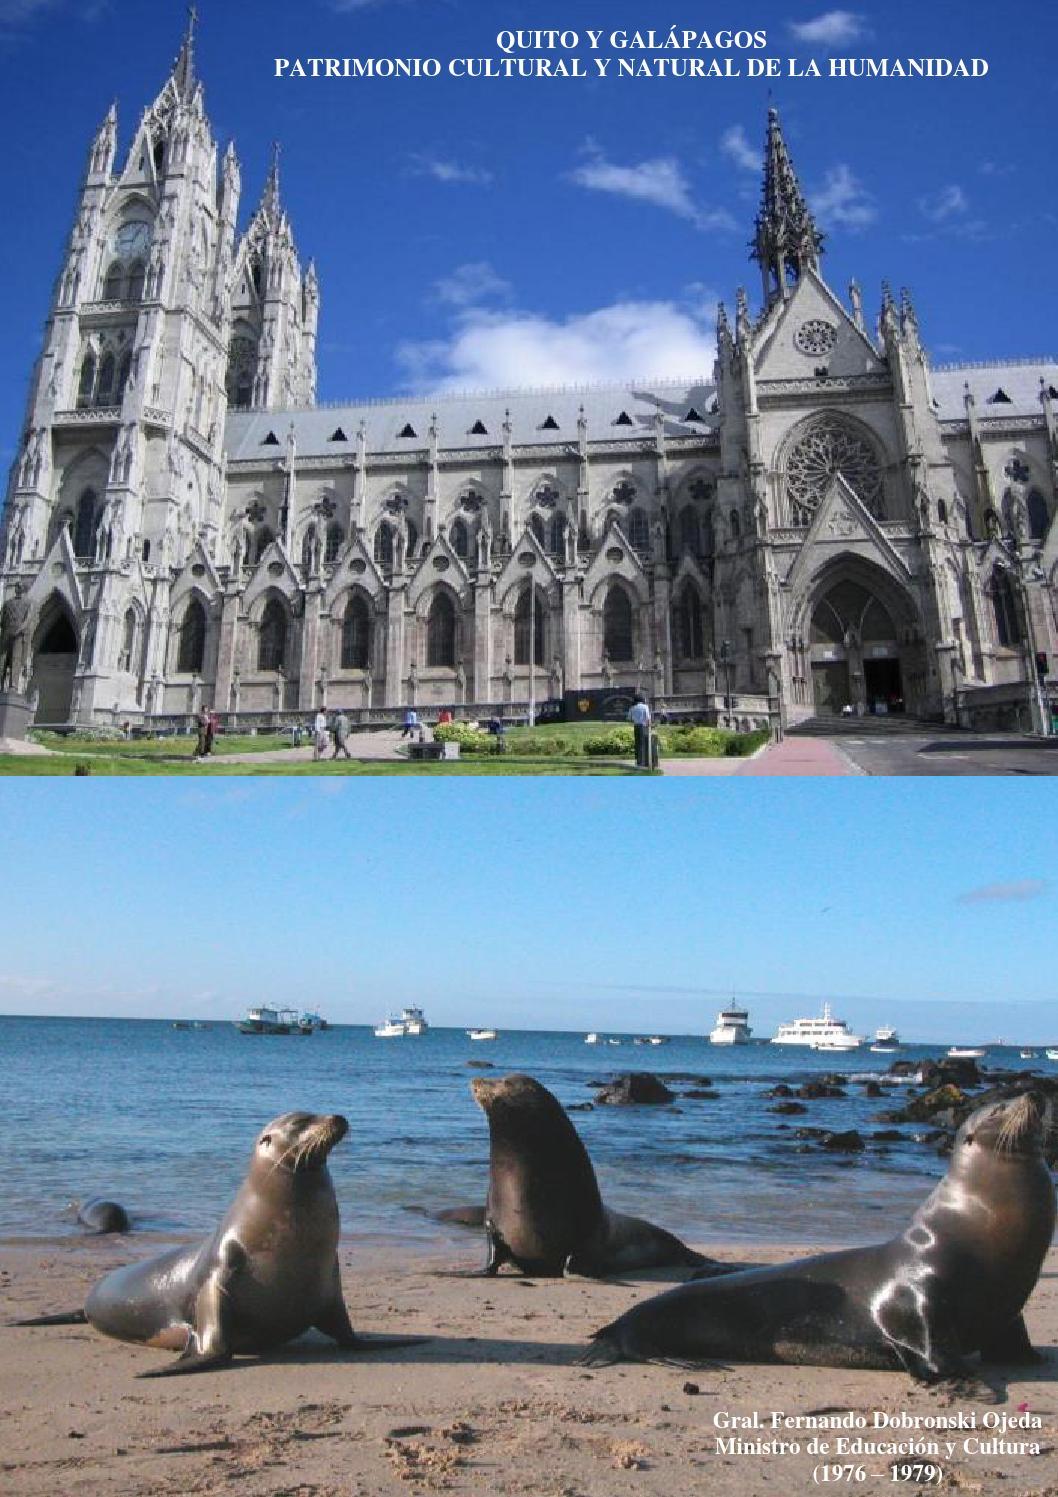 Quito Y Galapagos Patrimonio Cultural Y Natural De La Humanidad By Academia Nacional De Historia Militar Del Ecuador Issuu